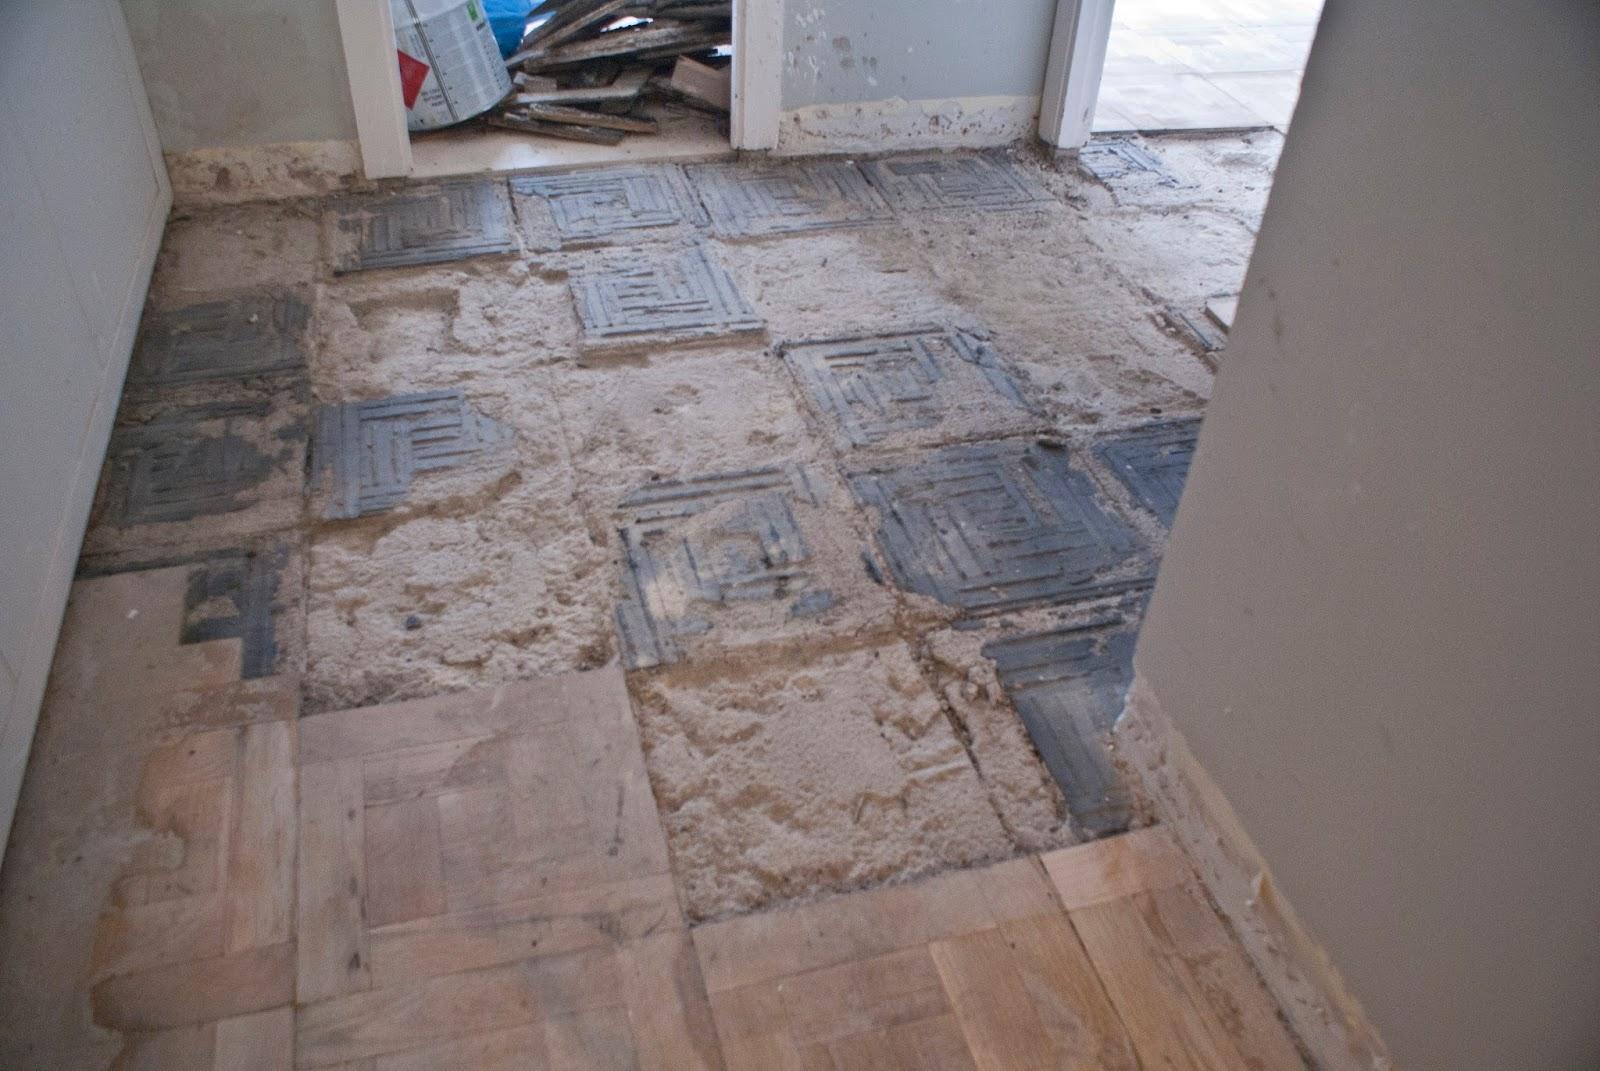 Como arreglar parquet cmo reparar el parquet barnizar - Reparar piso de parquet ...